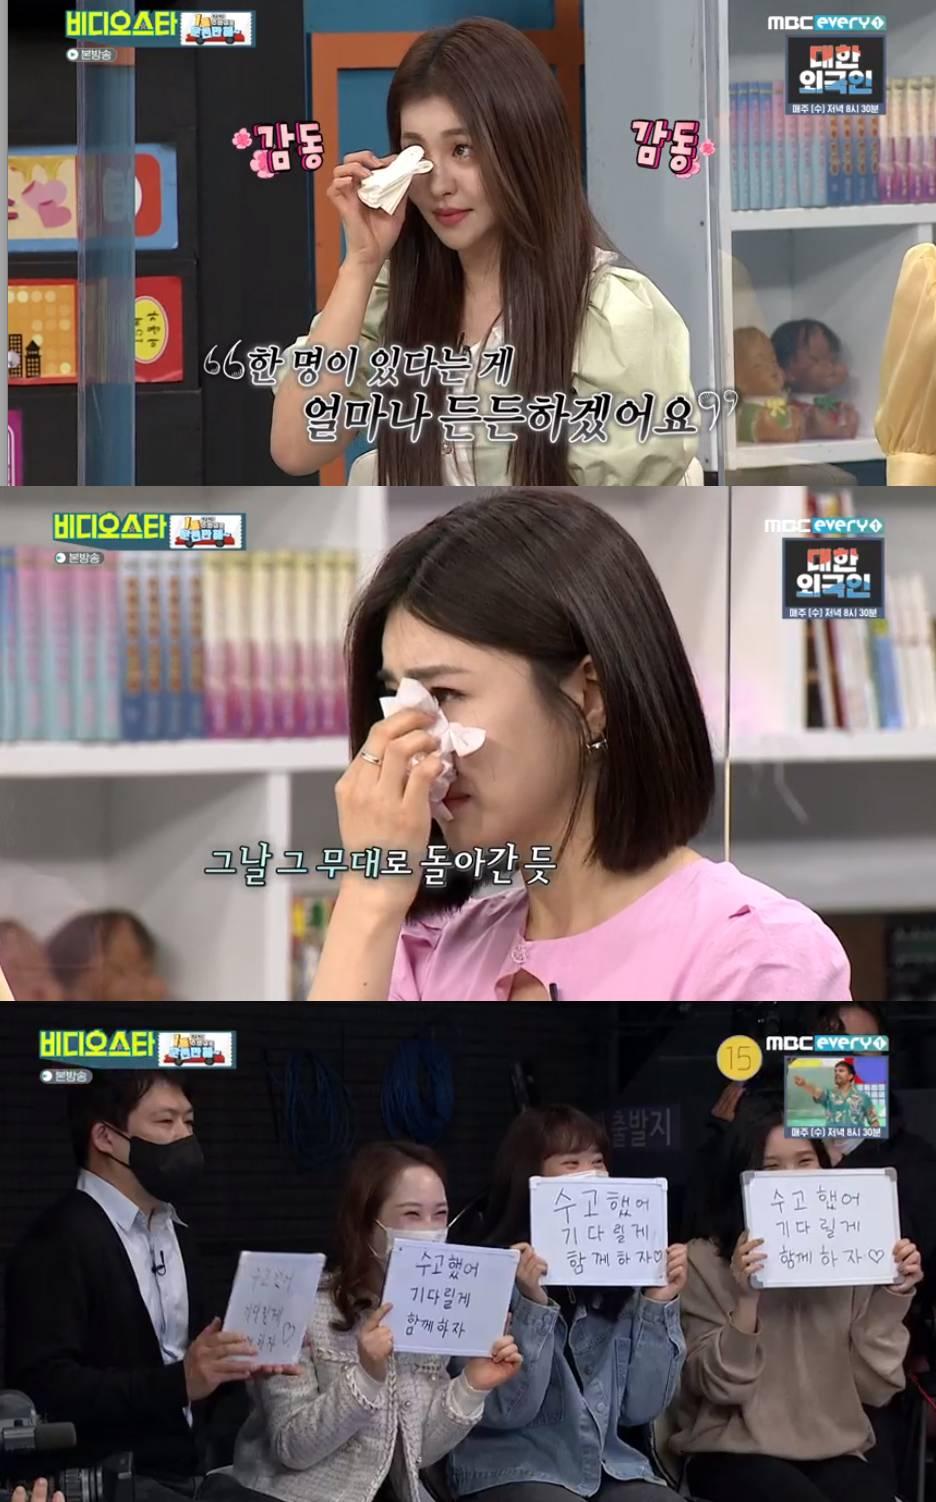 브레이브걸스, 데뷔 때 팬들 깜짝 등장에 눈물바다 (비스) | 인스티즈